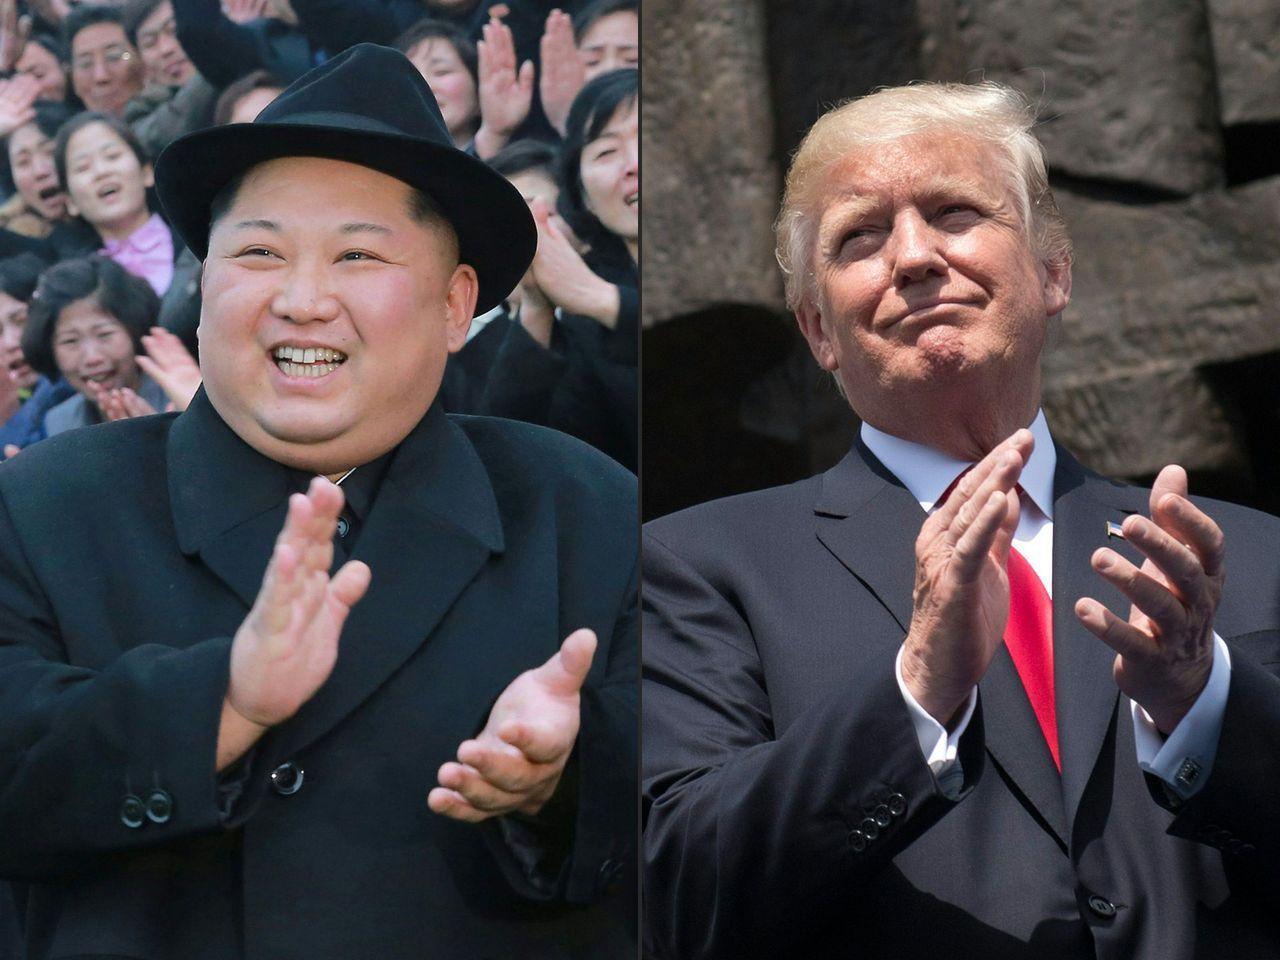 美國總統川普(右圖)已同意在今年5月與北韓領導人金正恩(左圖)會面。法新社